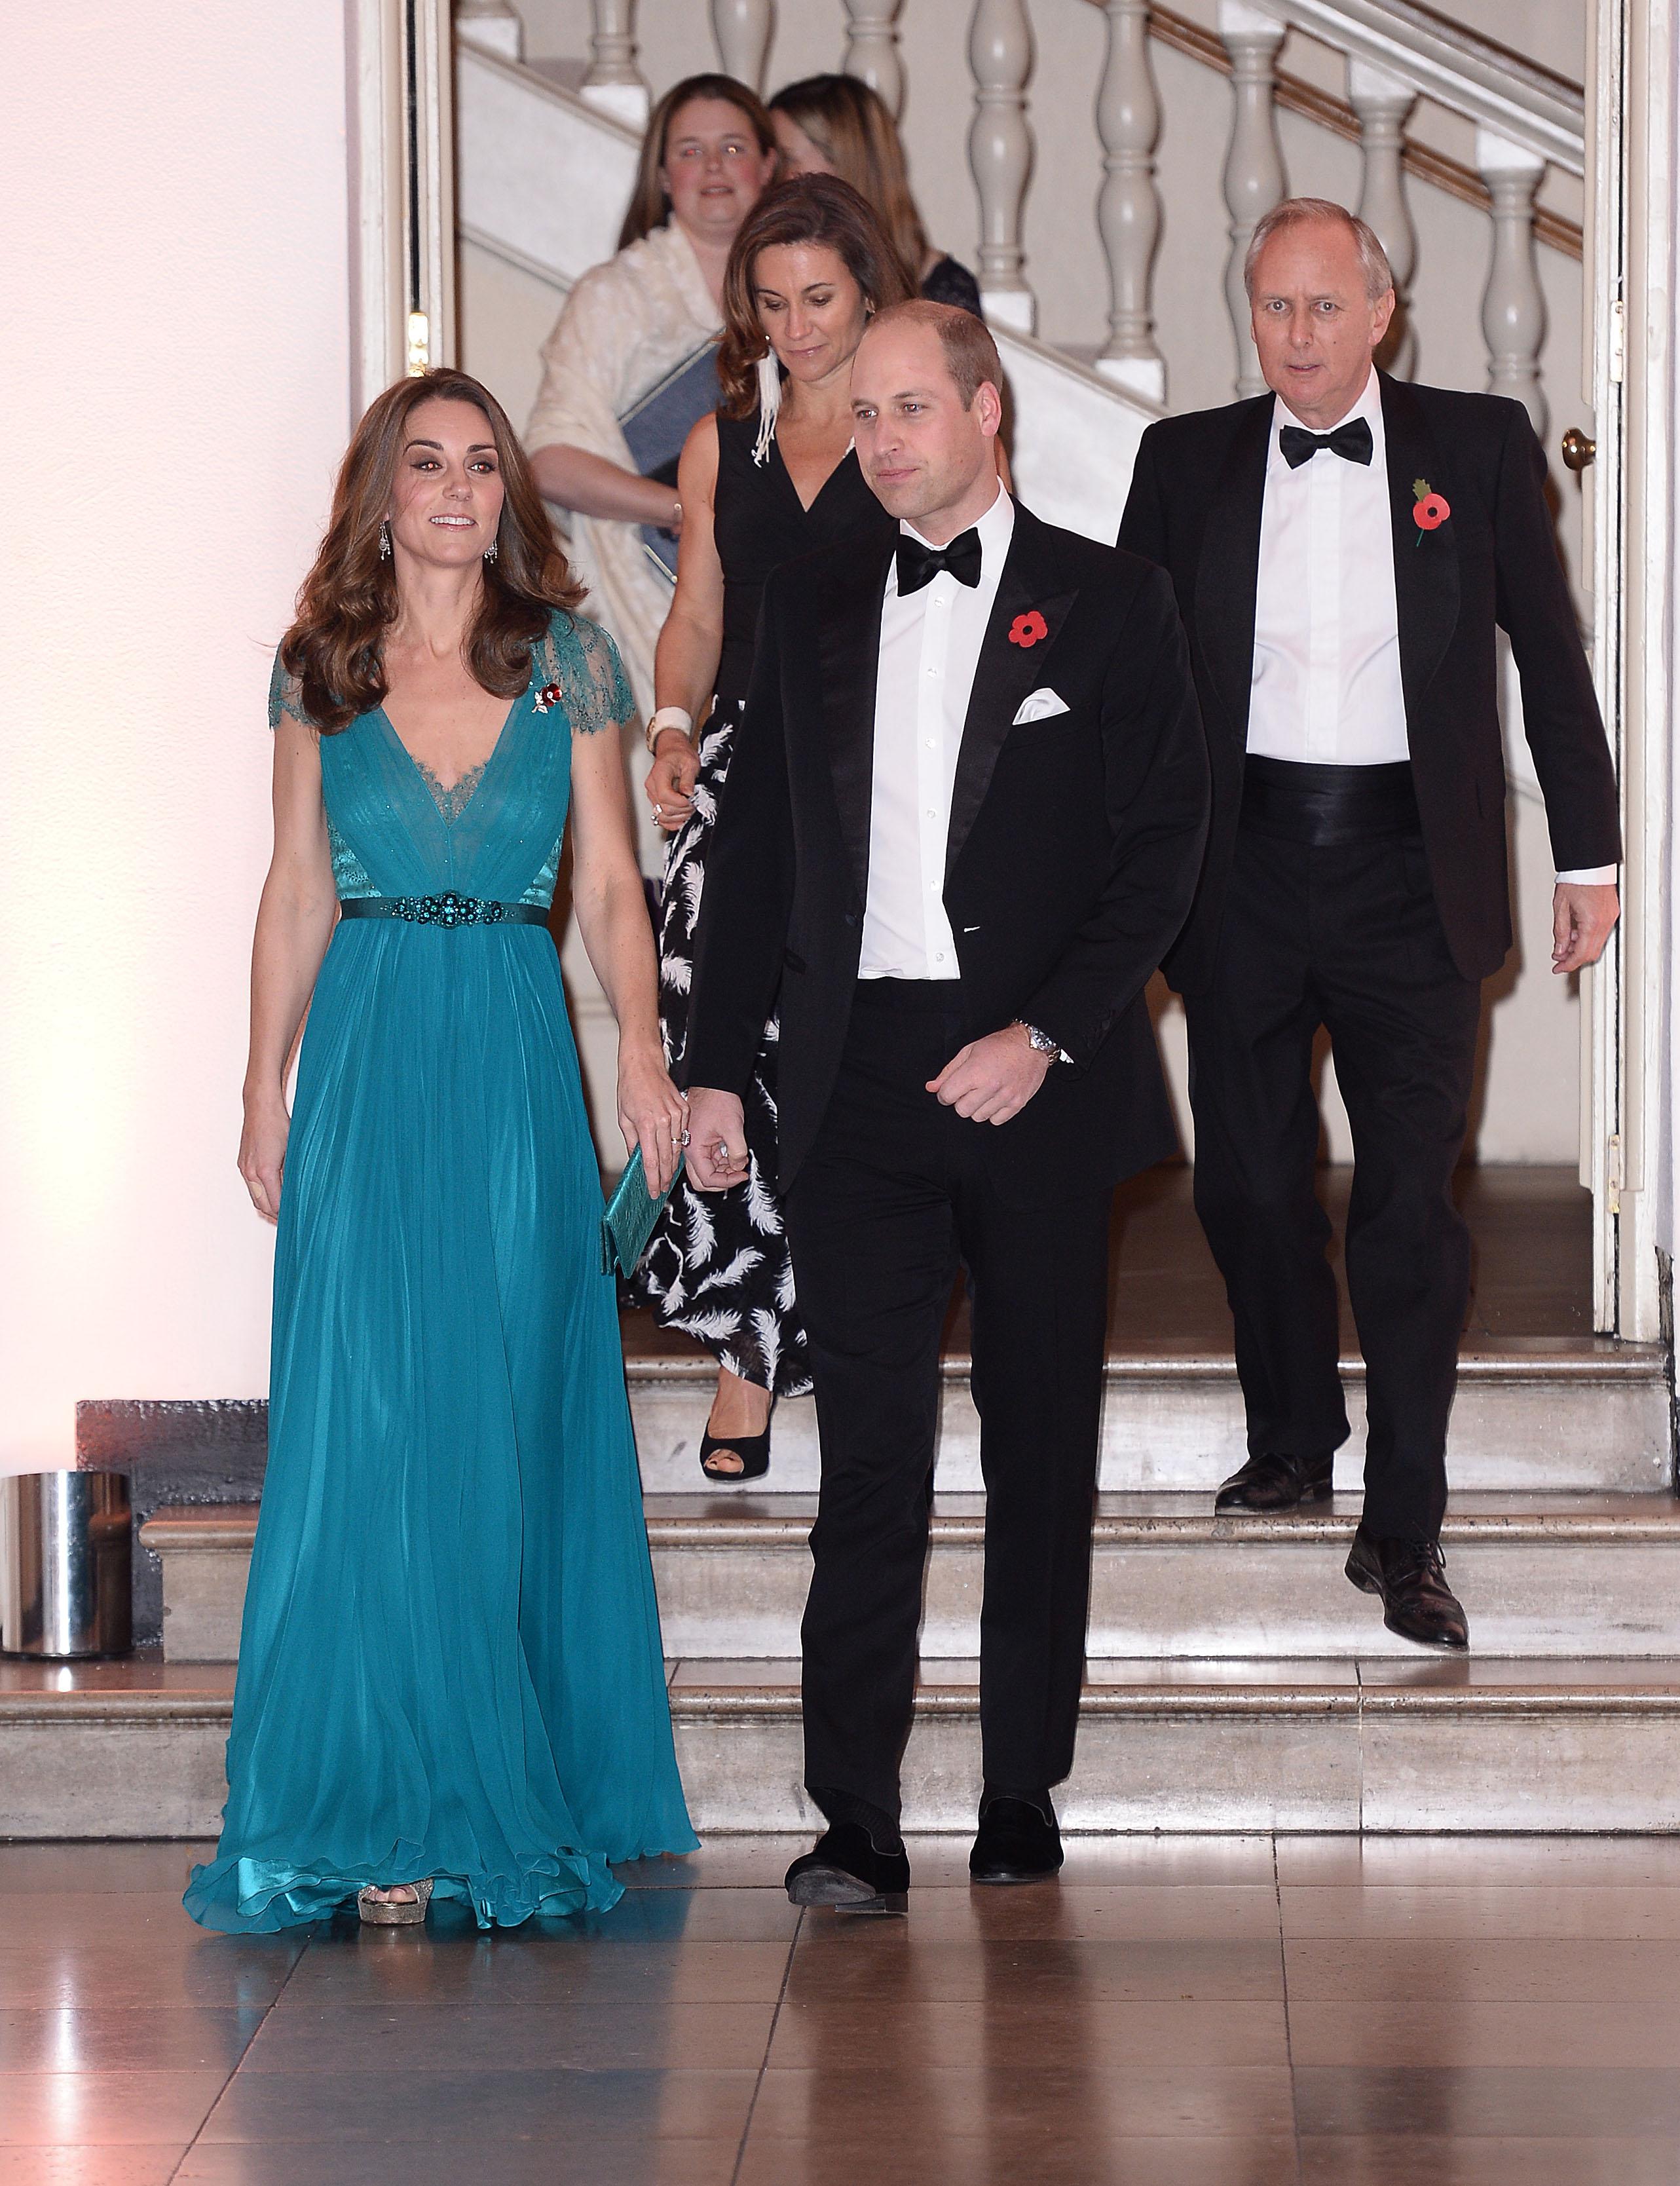 Както обикновено, херцогинята на Кеймбридж демонстрира своята класа с красива зелена рокля с дълбоко деколте. Списание People обаче пишат, че кралската особа не облича този тоалет за първи път.